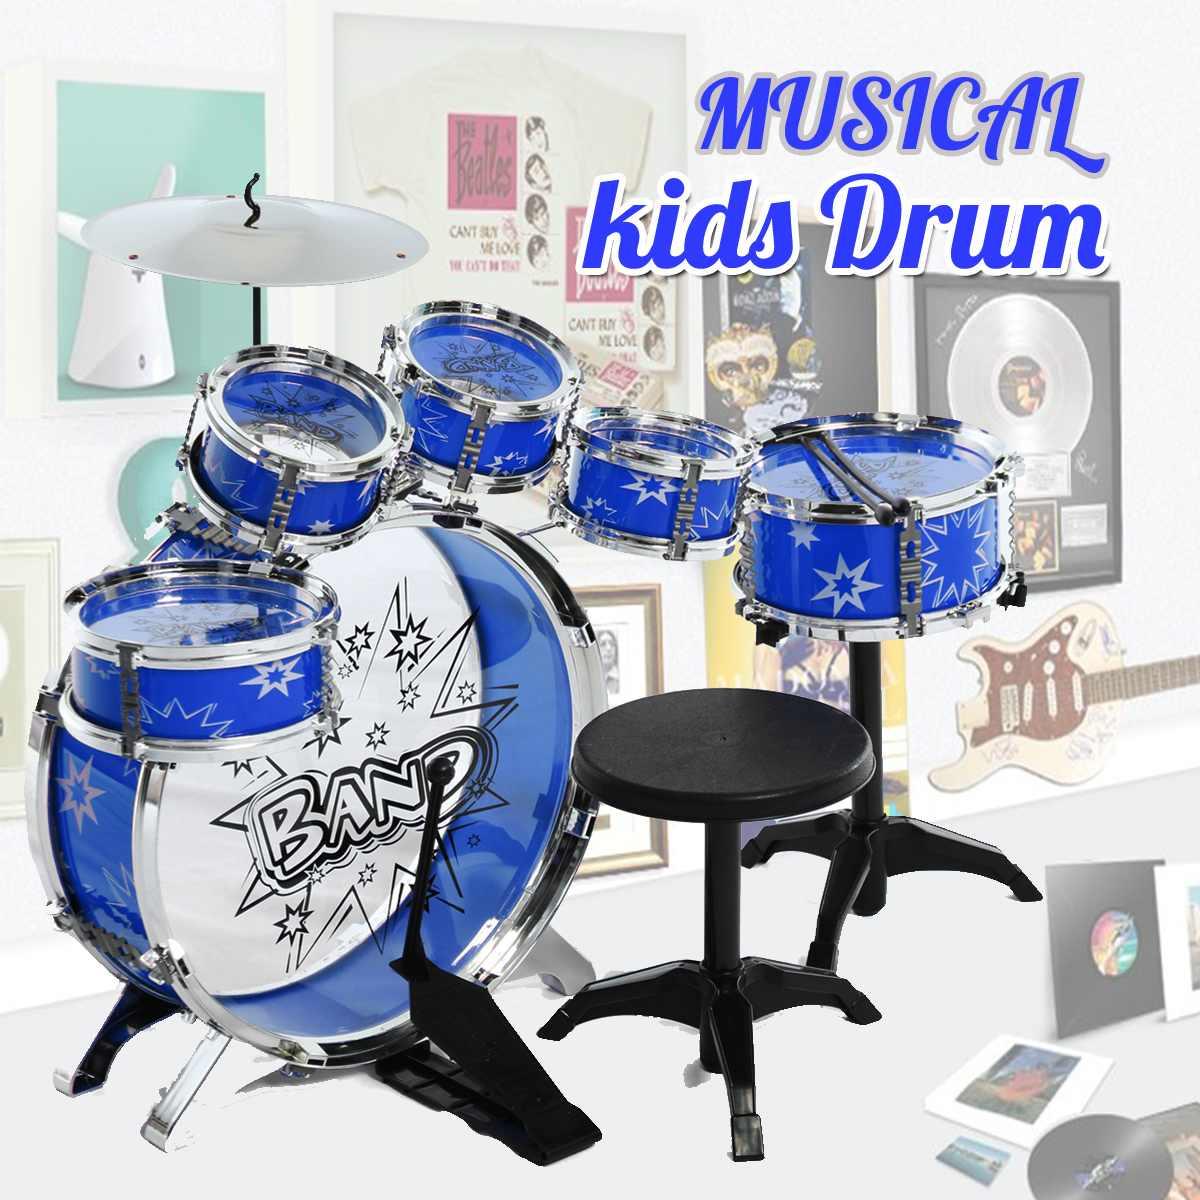 Kit de batterie Junior enfants ensemble de musique enfants enfants ensemble de batterie Junior Kit de batterie Instrument de musique à Percussion Six tabouret de ceinture de tambour